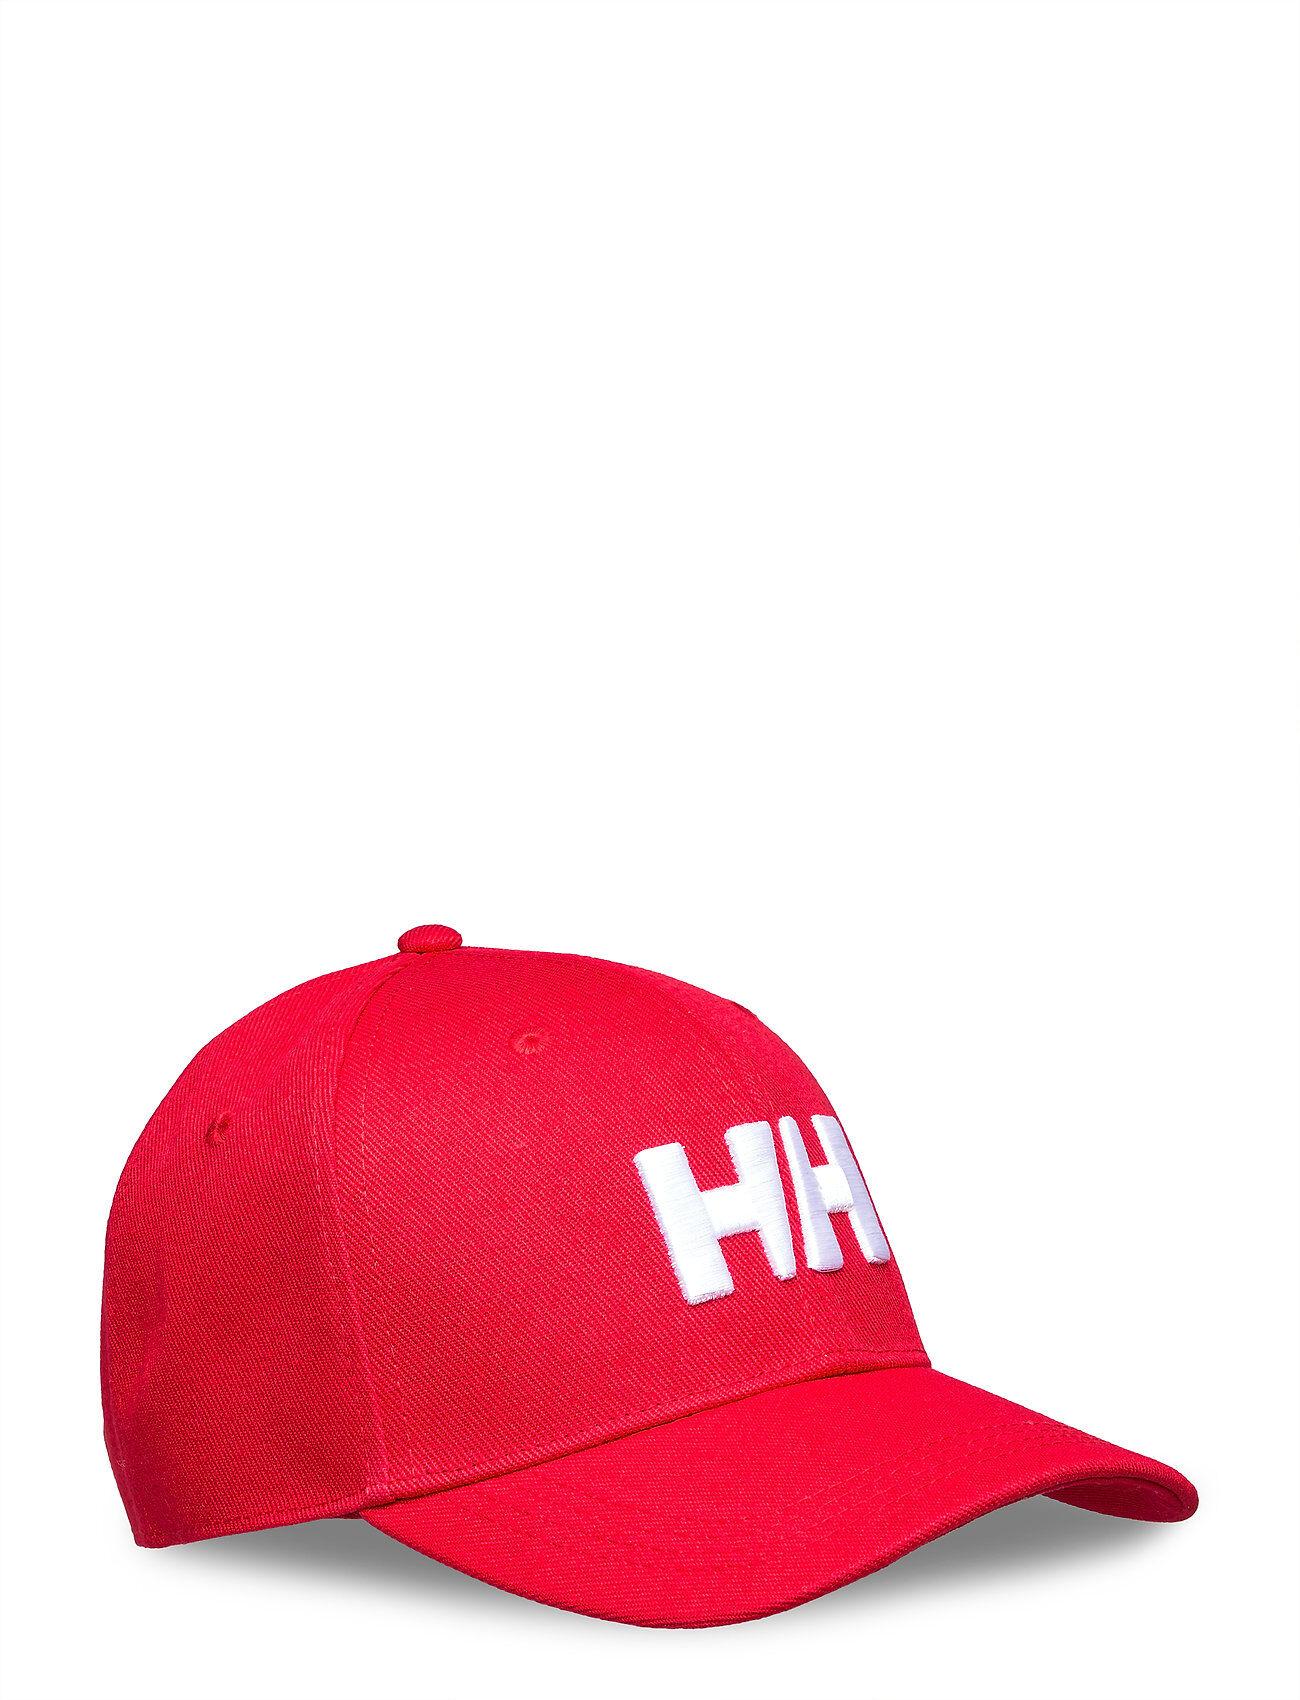 Helly Hansen Hh Brand Cap Accessories Headwear Caps Punainen Helly Hansen